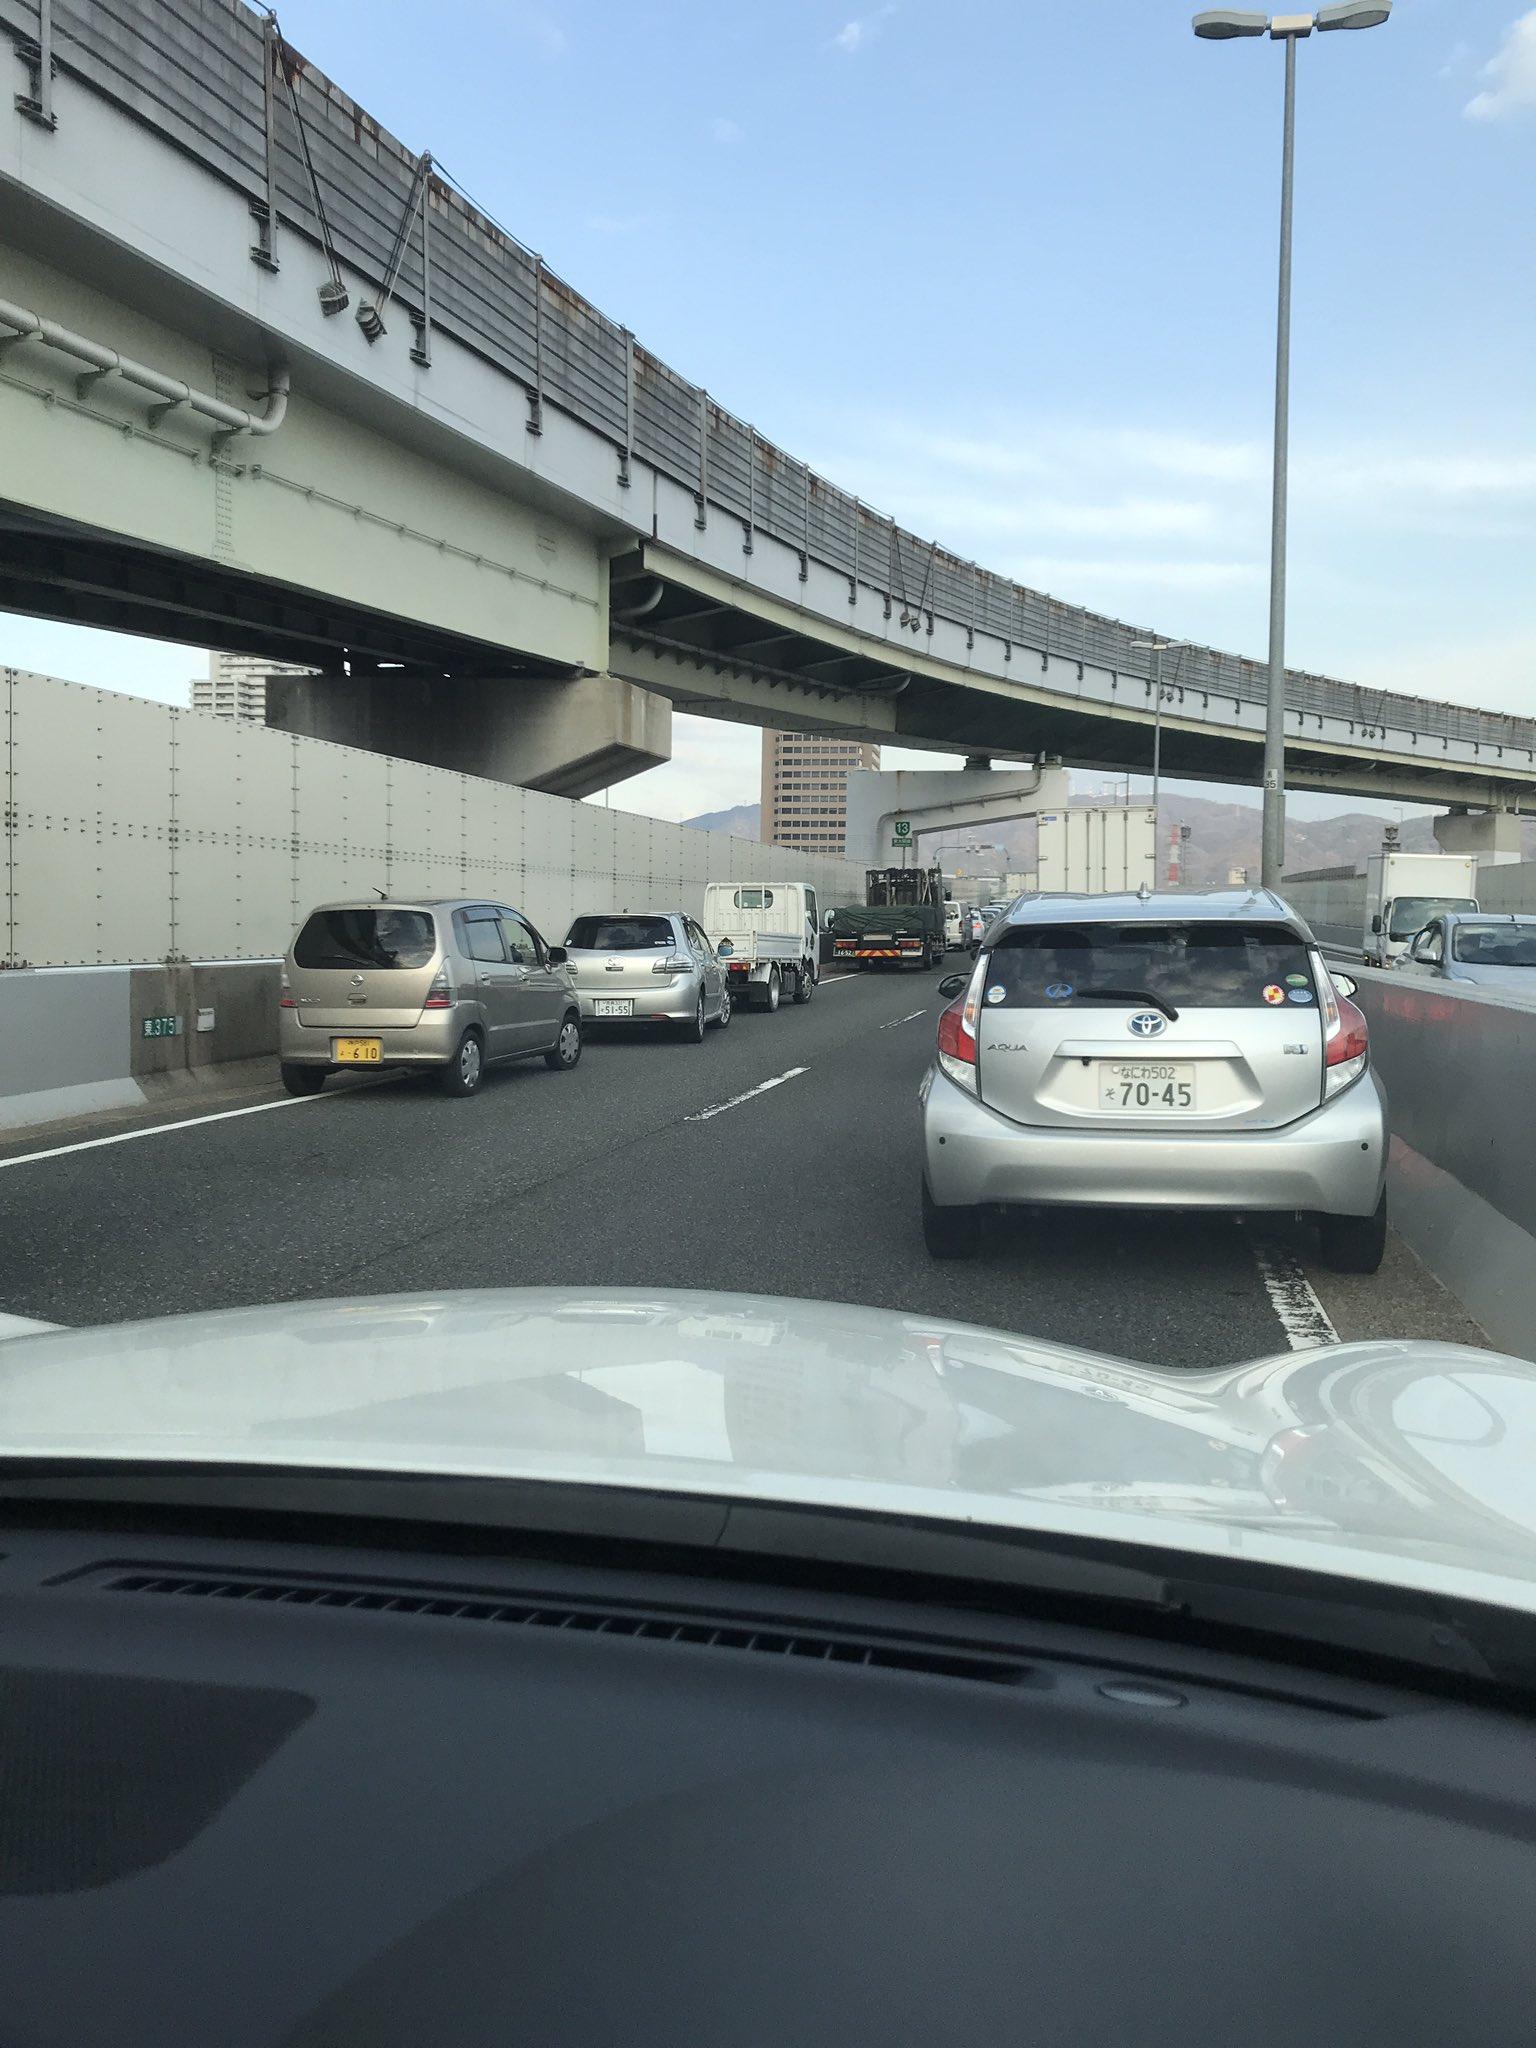 画像,阪神高速道路13号東大阪線奈良方面。事故で通行止らしく、30分くらいこんな感じです。体調絶不調の時に限ってタイミング悪いなぁ。近所走行される方はお気をつけて🚕 …